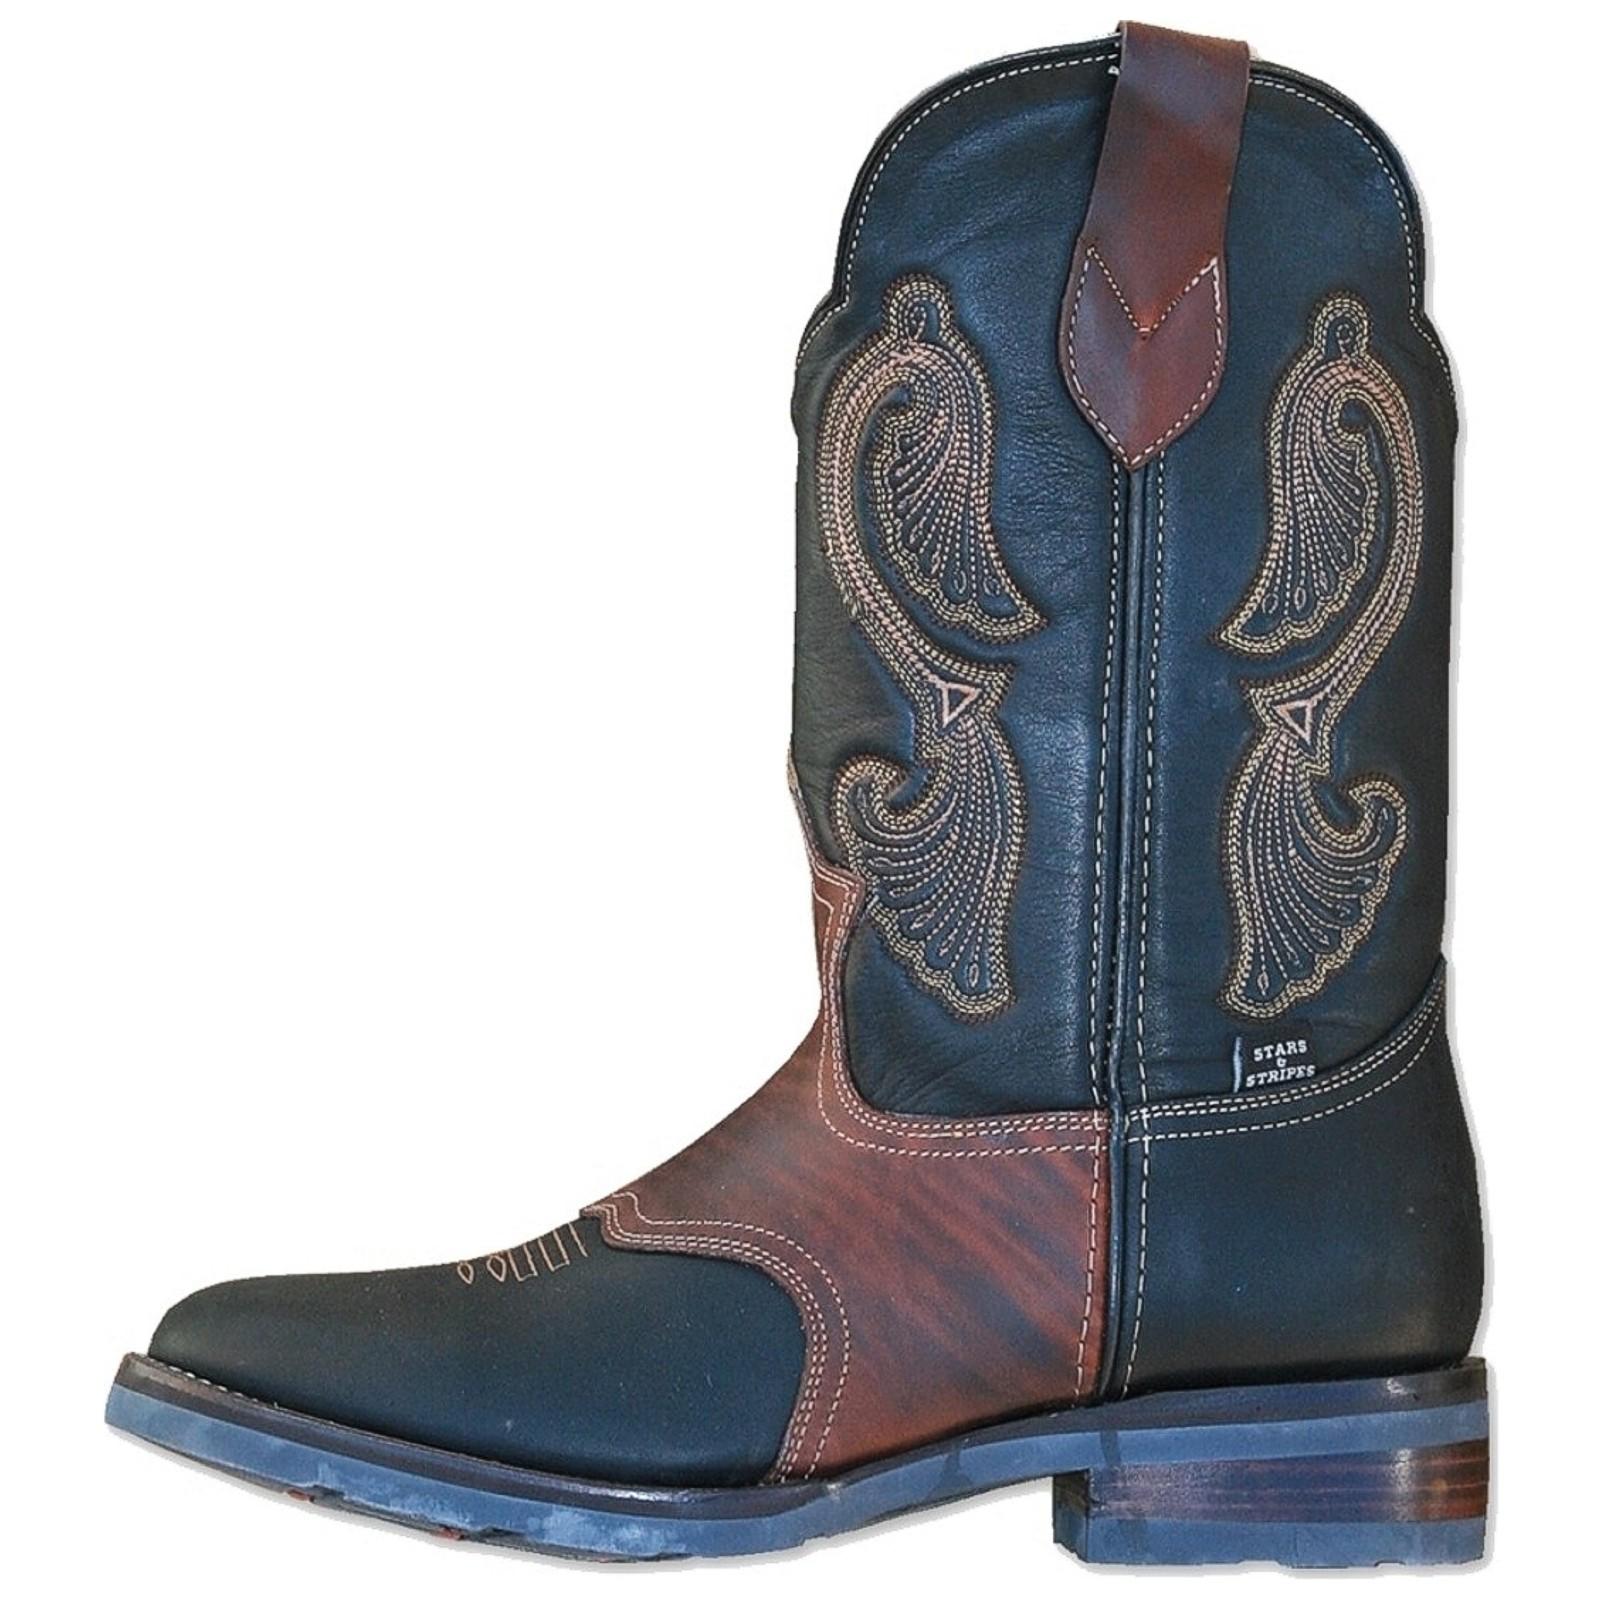 Stars & Stripes Herren Damen Stiefel Western Boots »WB-26« Schwarz / Braun